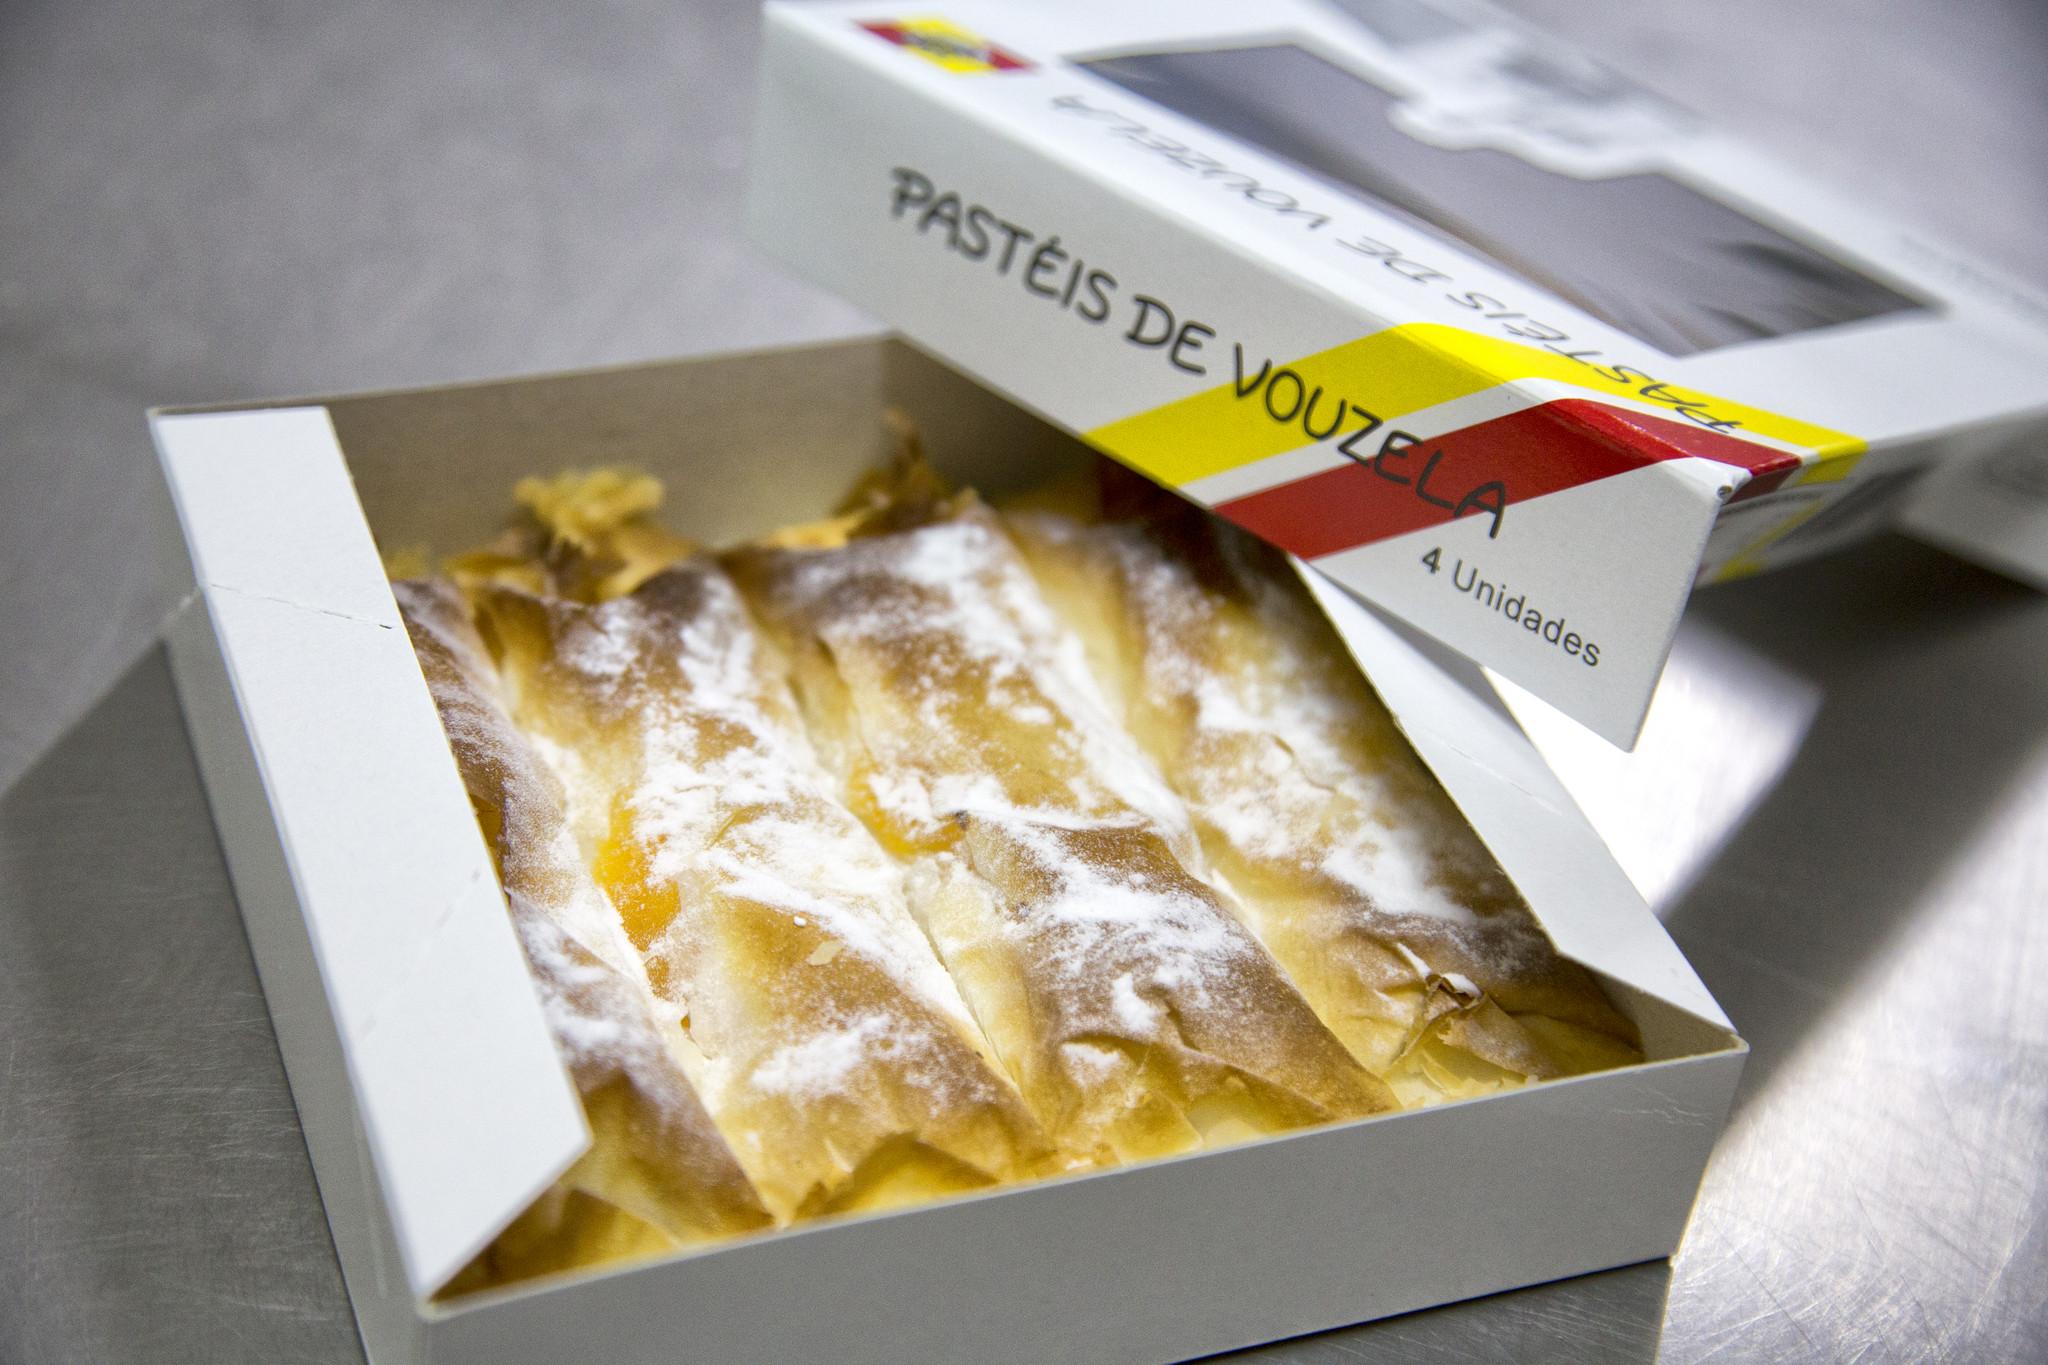 fotos pasteis de vouzela (queijo a chef press trip) 13.jpg